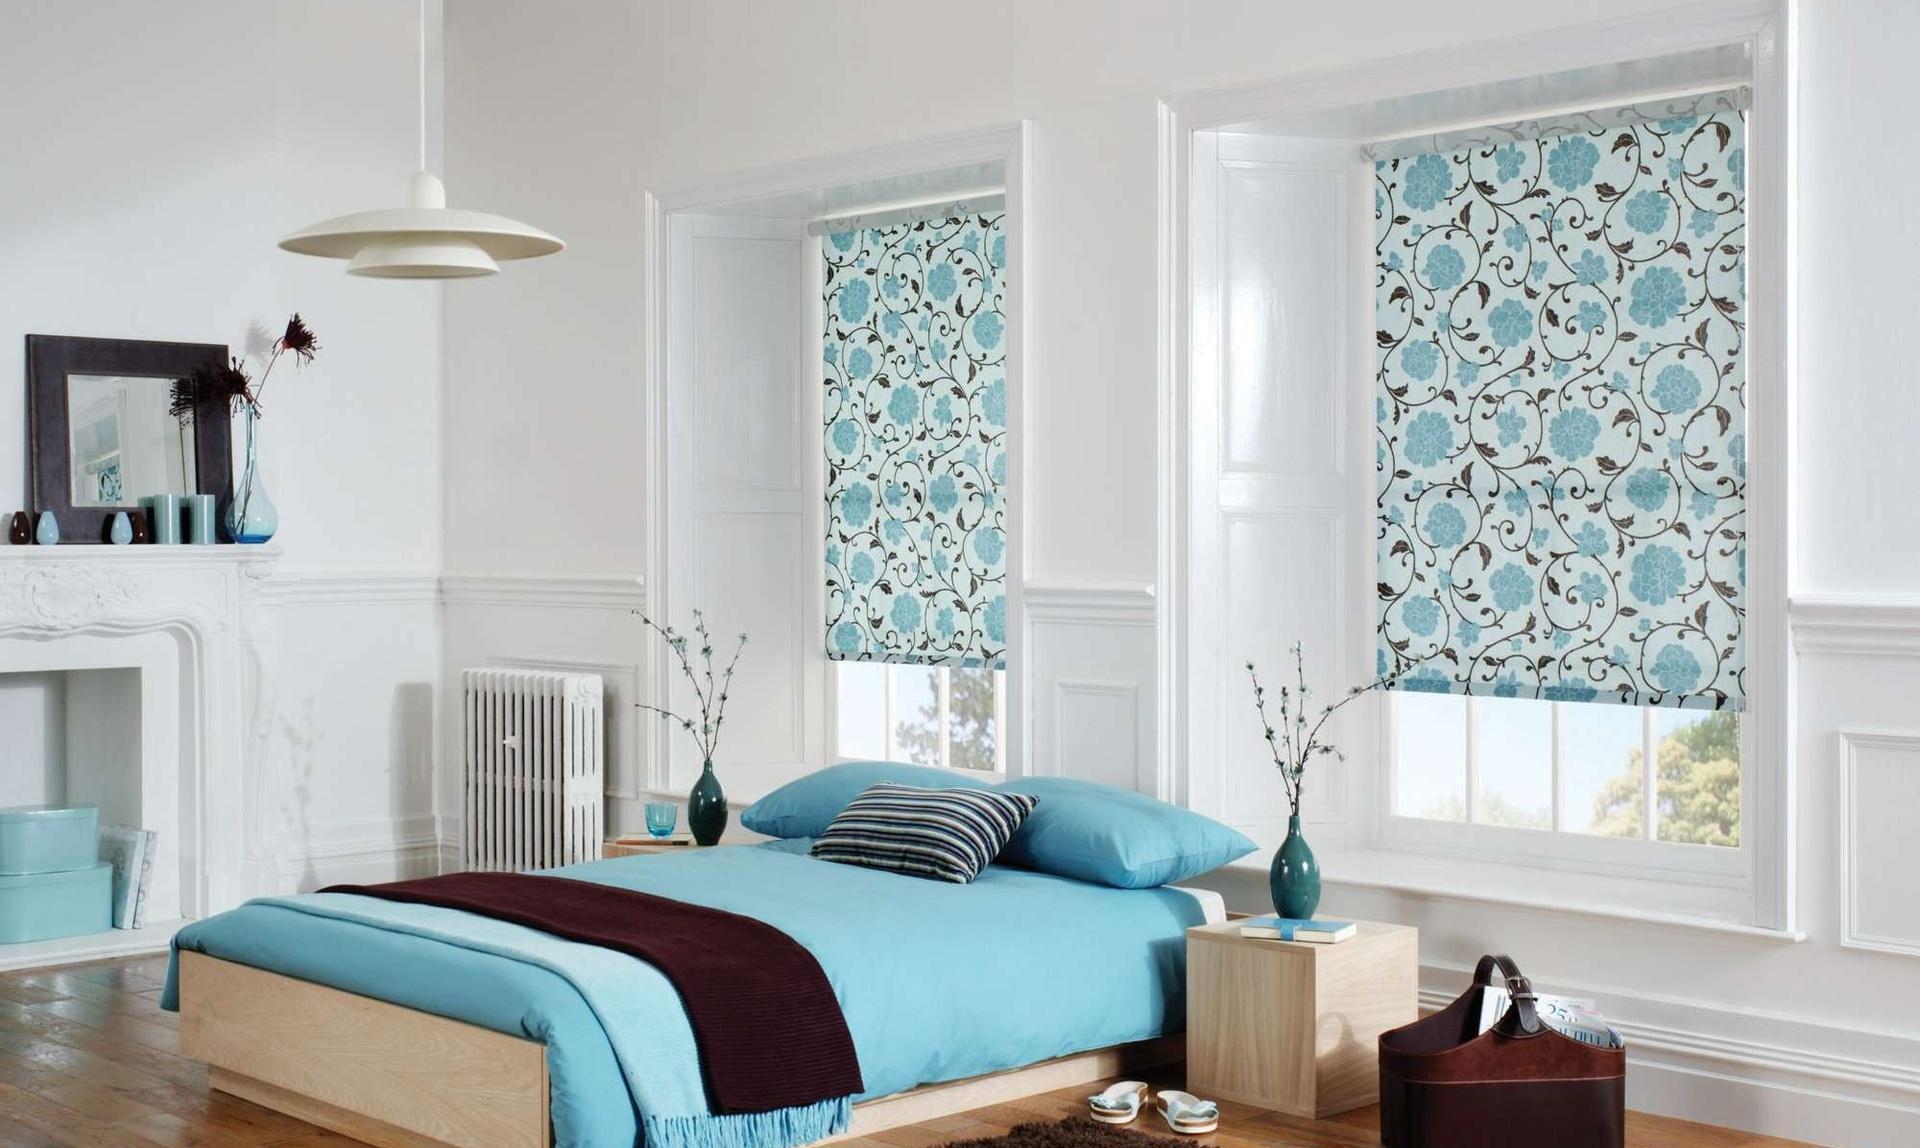 Голубой, бежевый и белый цвета в интерьере спальни